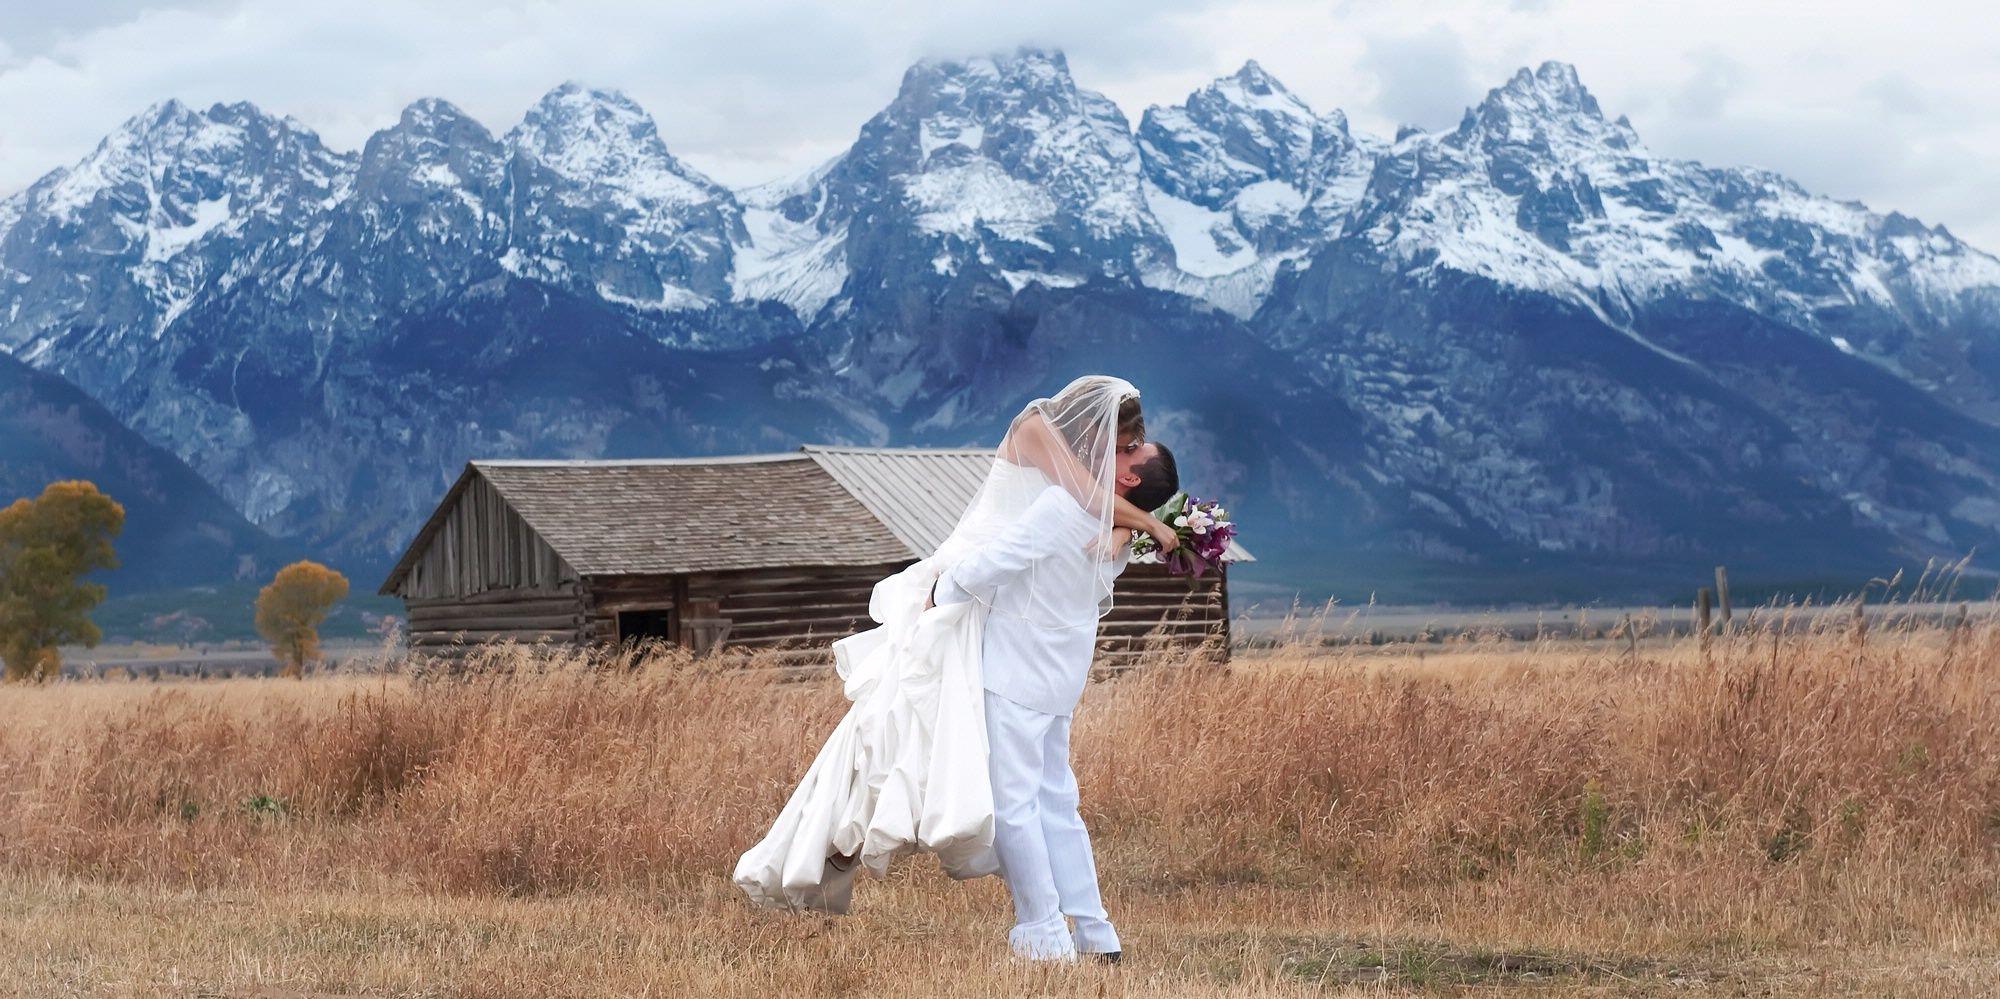 Hotel King Lighthouse Wedding Unique Weddings Jackson Hole Destination